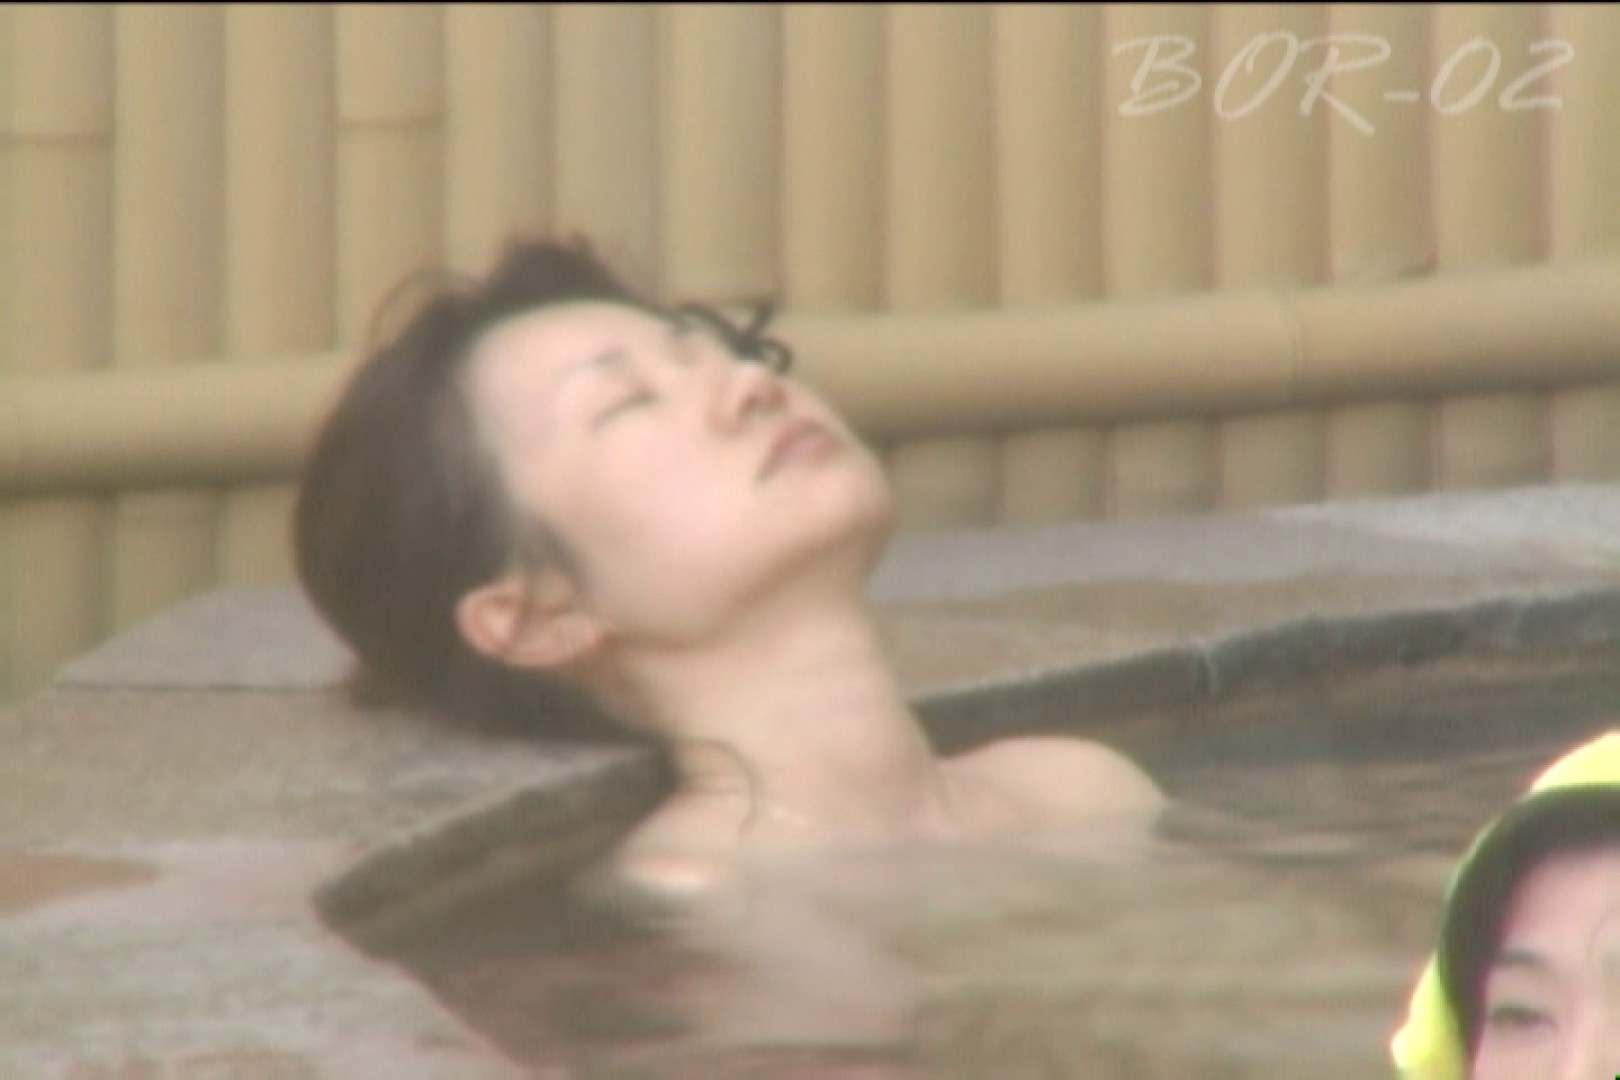 Aquaな露天風呂Vol.477 美しいOLの裸体   盗撮師作品  90pic 28